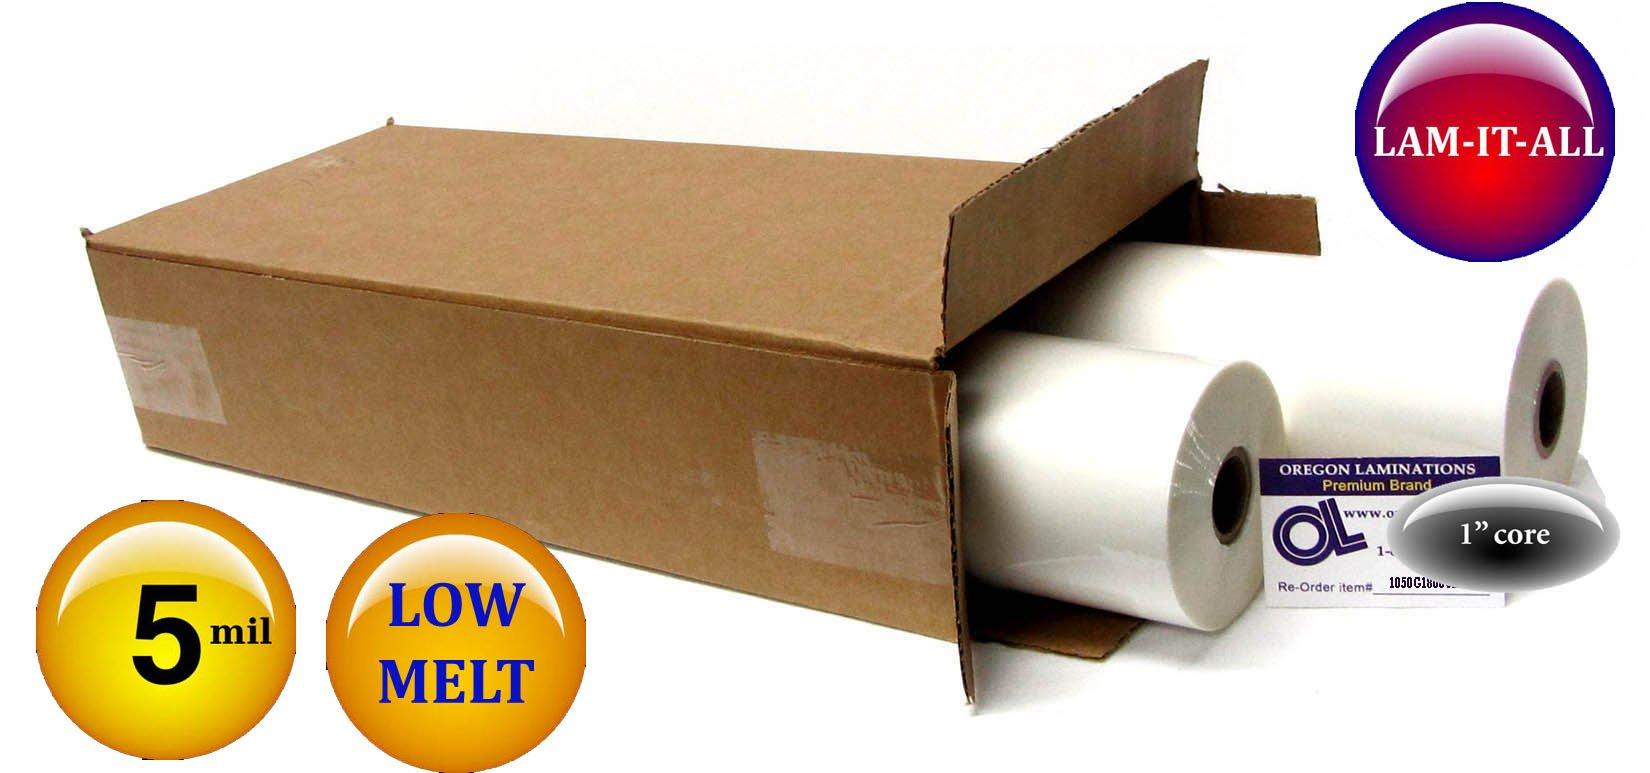 LAM-IT-All Low Melt Laminating Film 18-inch x 200-feet x 1-inch core (4 Rolls) 5.0 Mil Gloss